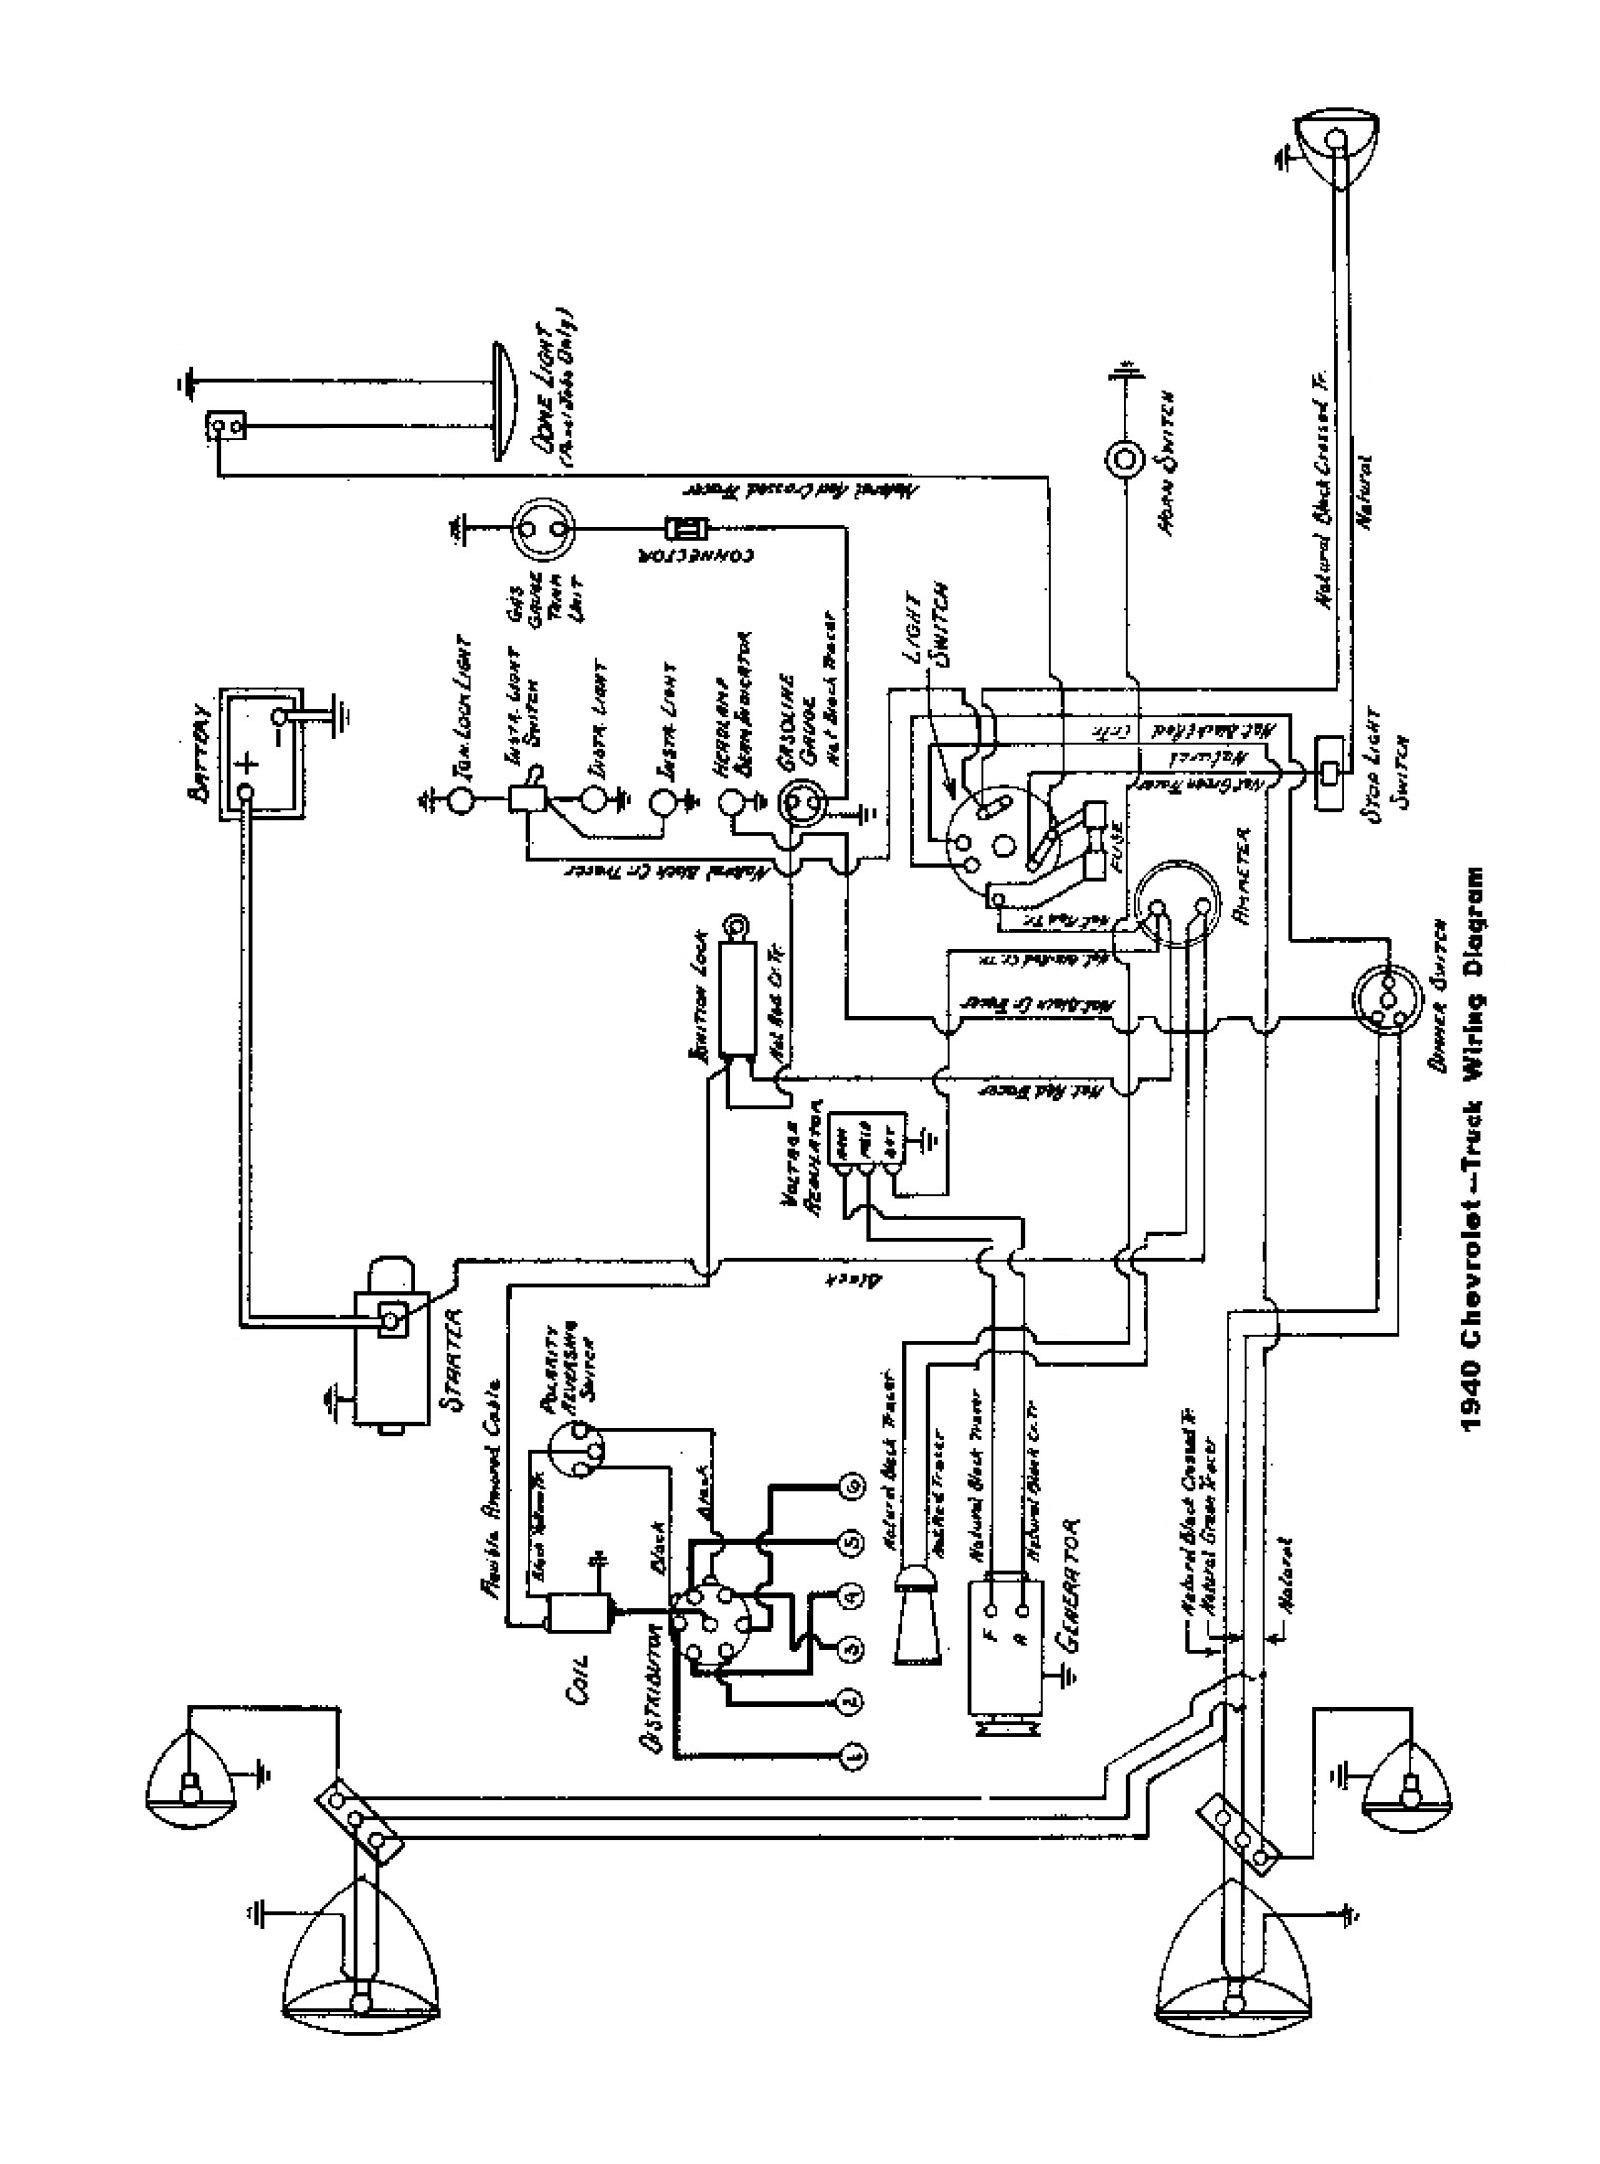 Miraculous 1957 Dodge Truck Wiring Diagram Basic Electronics Wiring Diagram Wiring Cloud Faunaidewilluminateatxorg